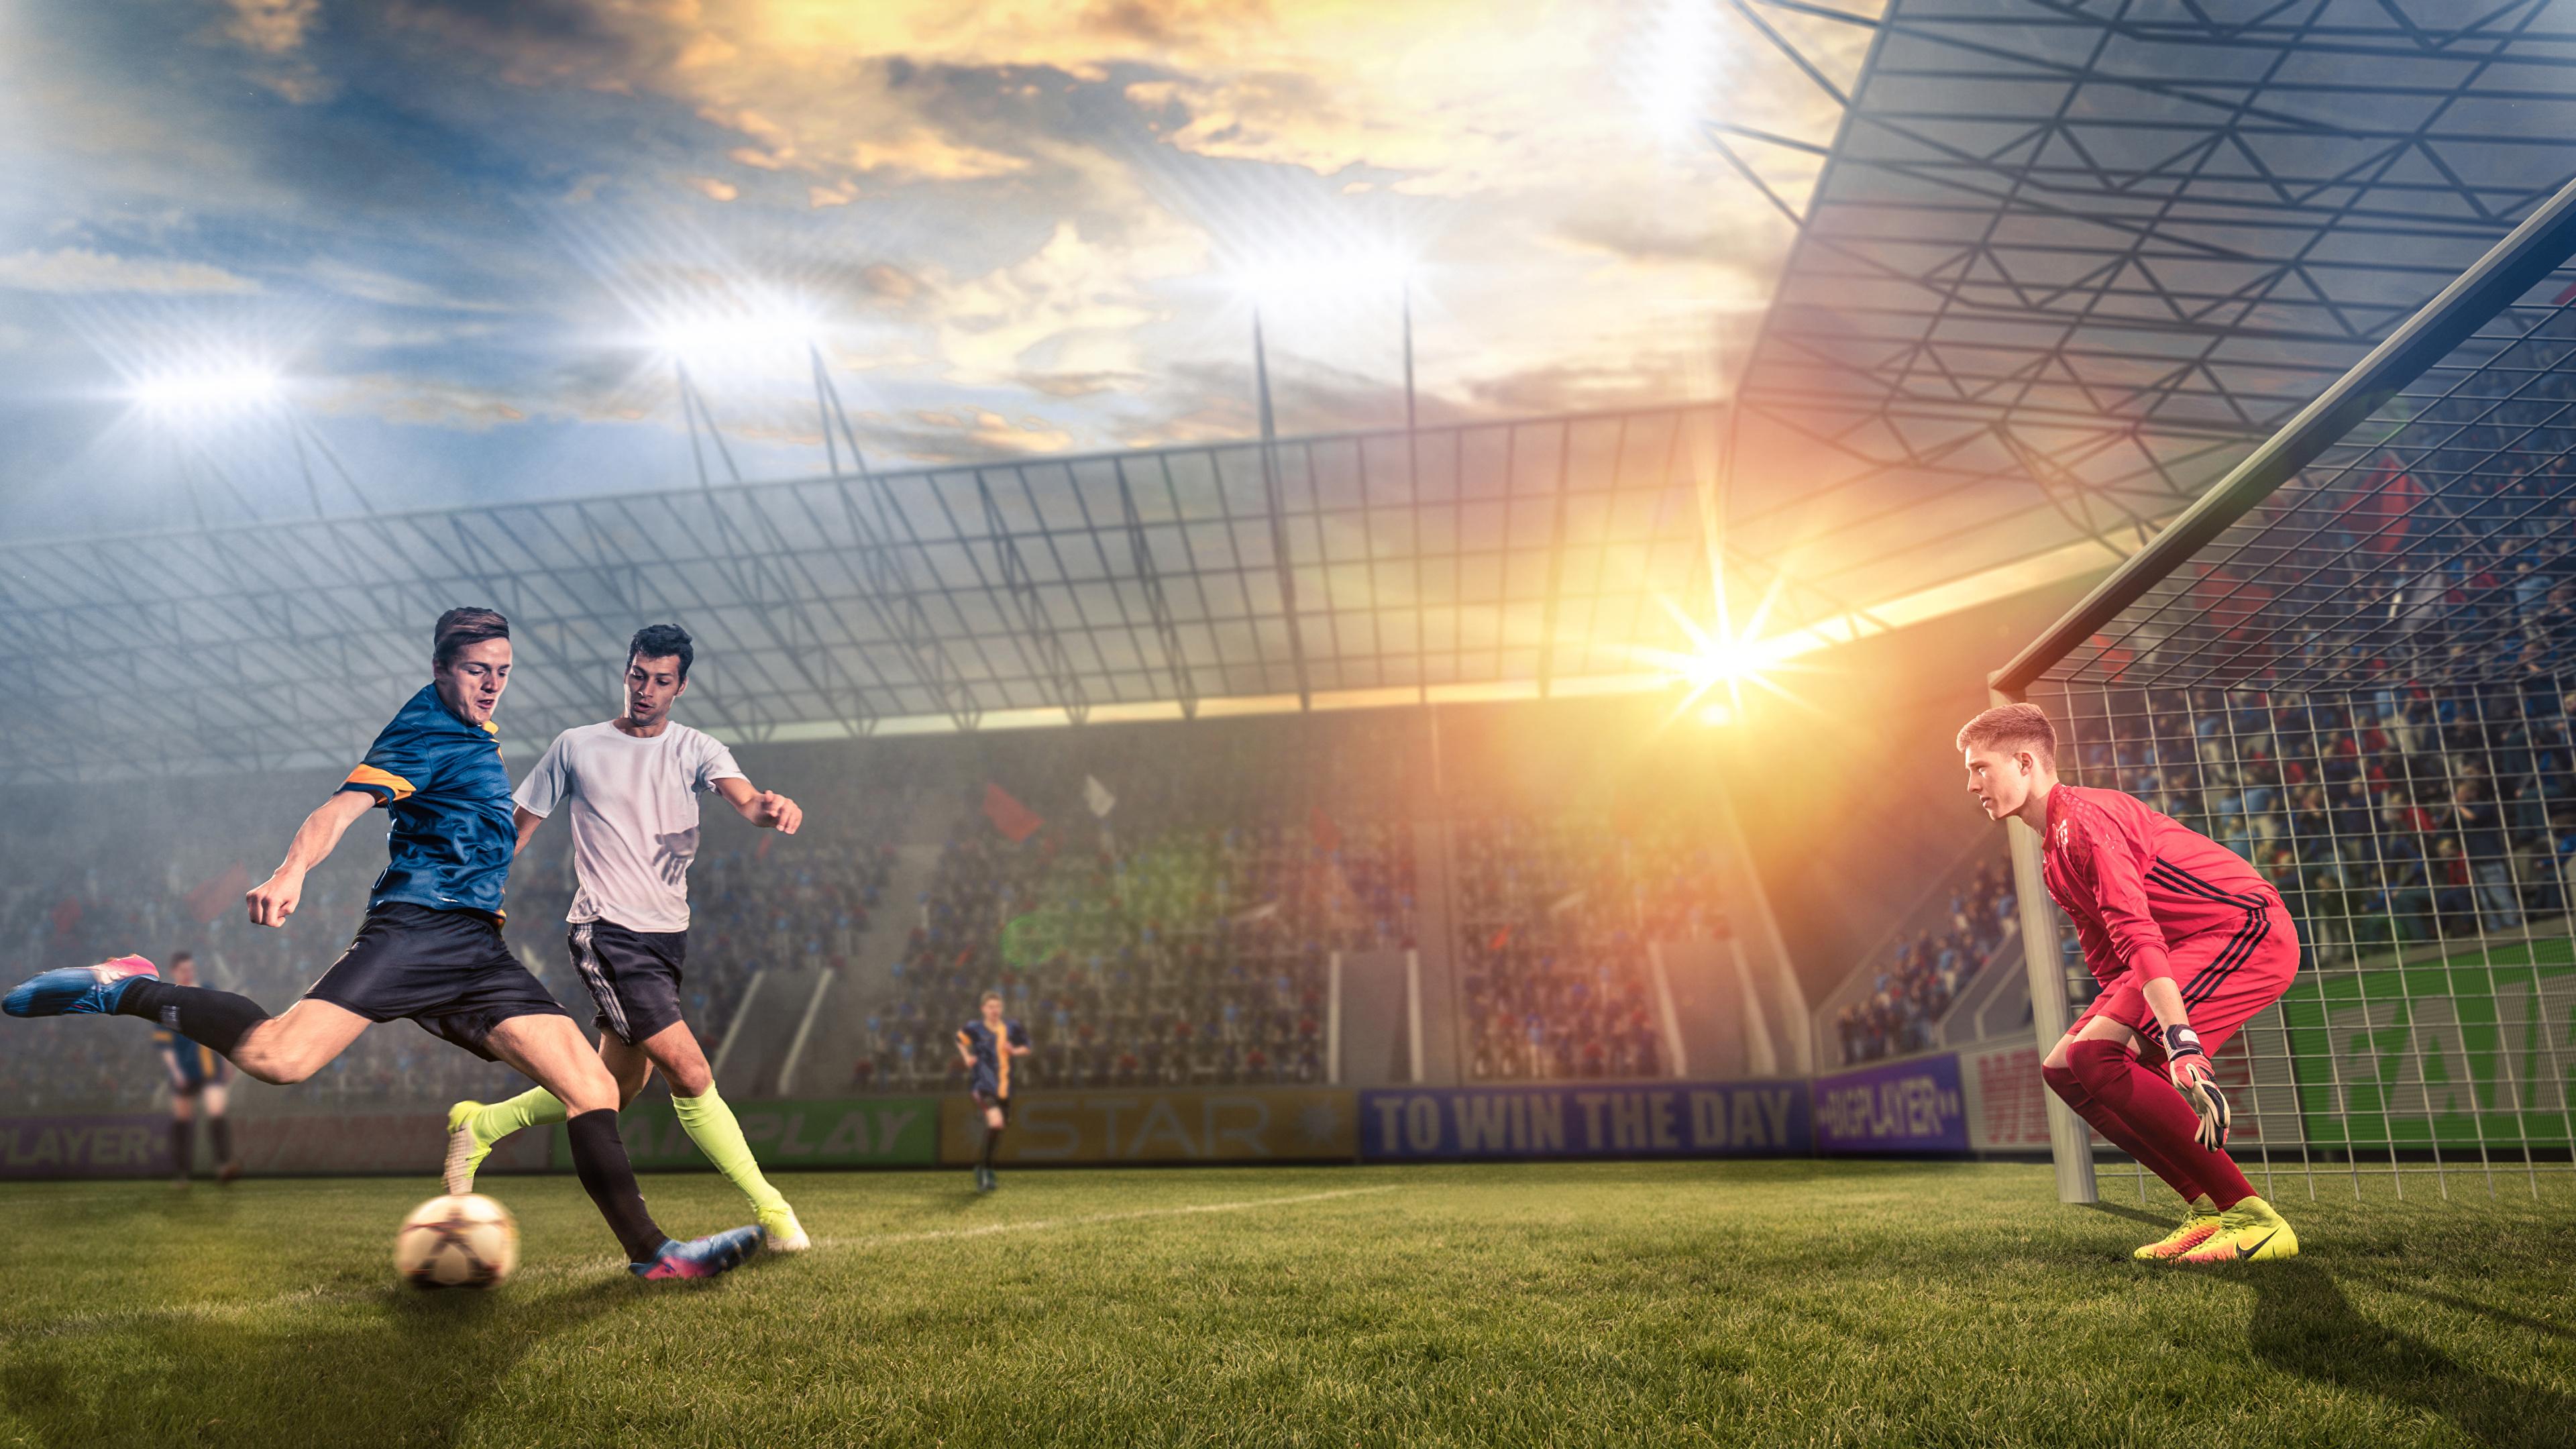 Desktop Wallpapers Man Goalkeeper football sports 3840x2160 3840x2160